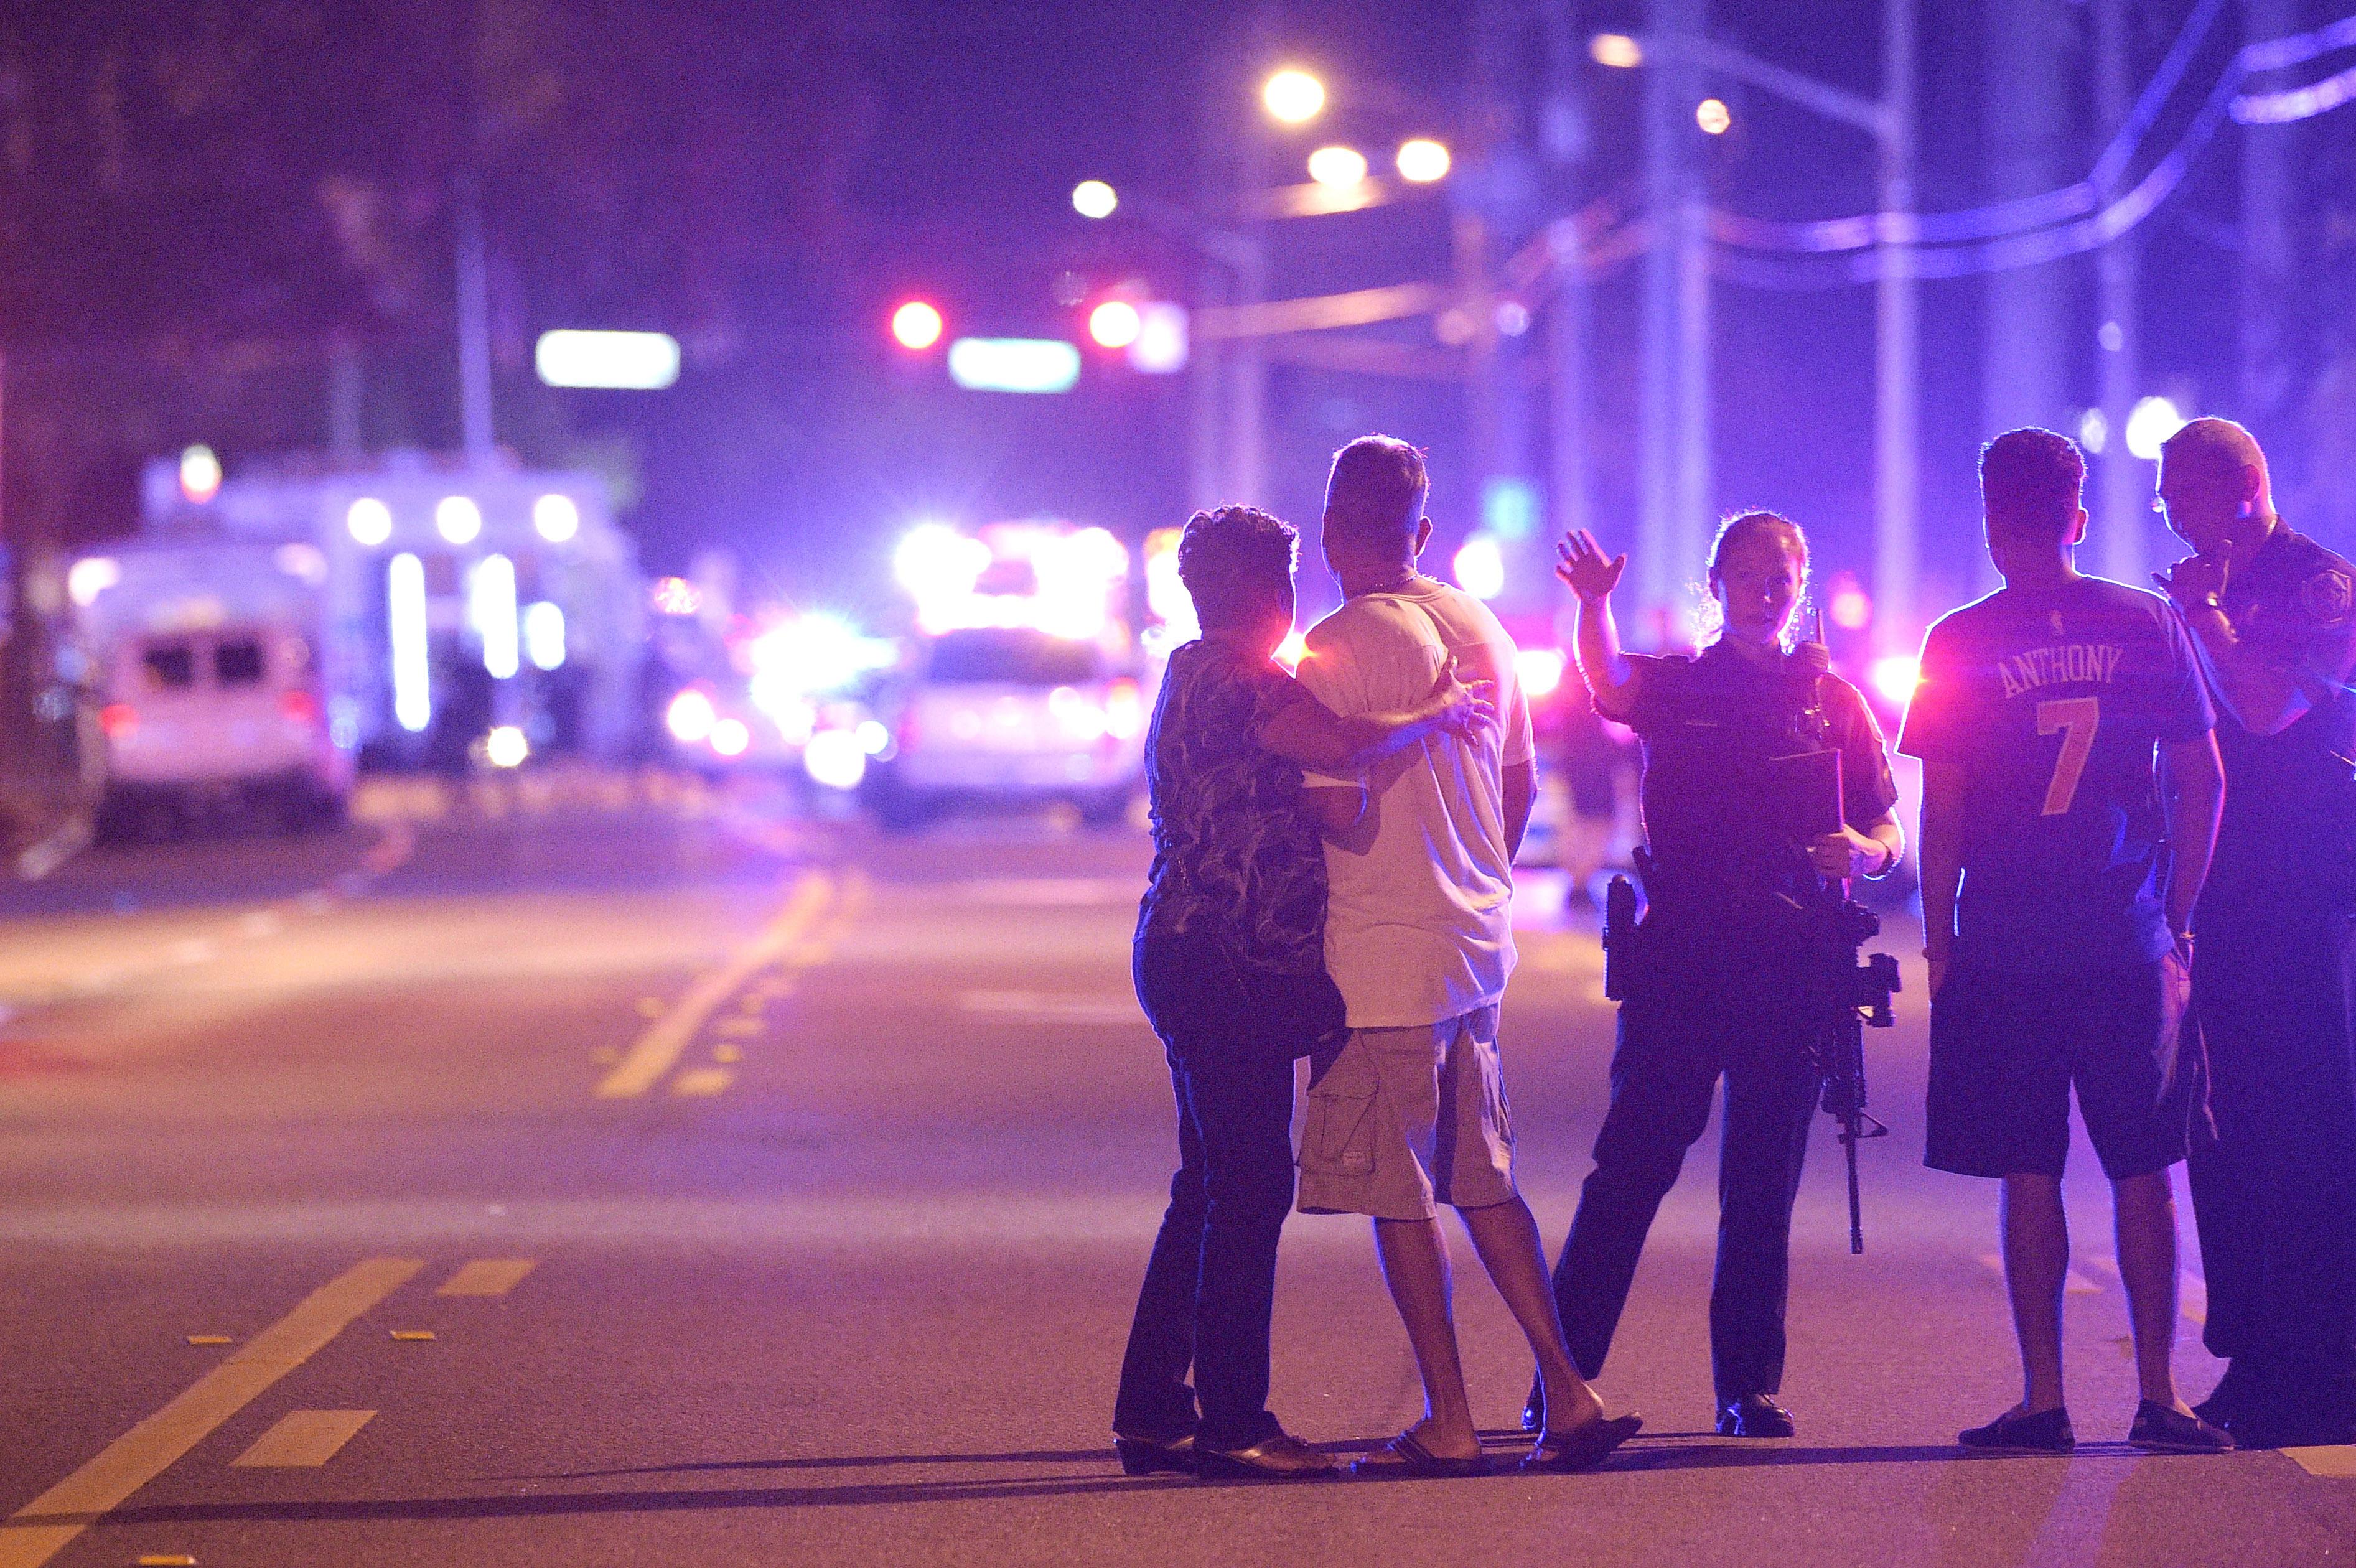 NRA Responds to Orlando Shooting